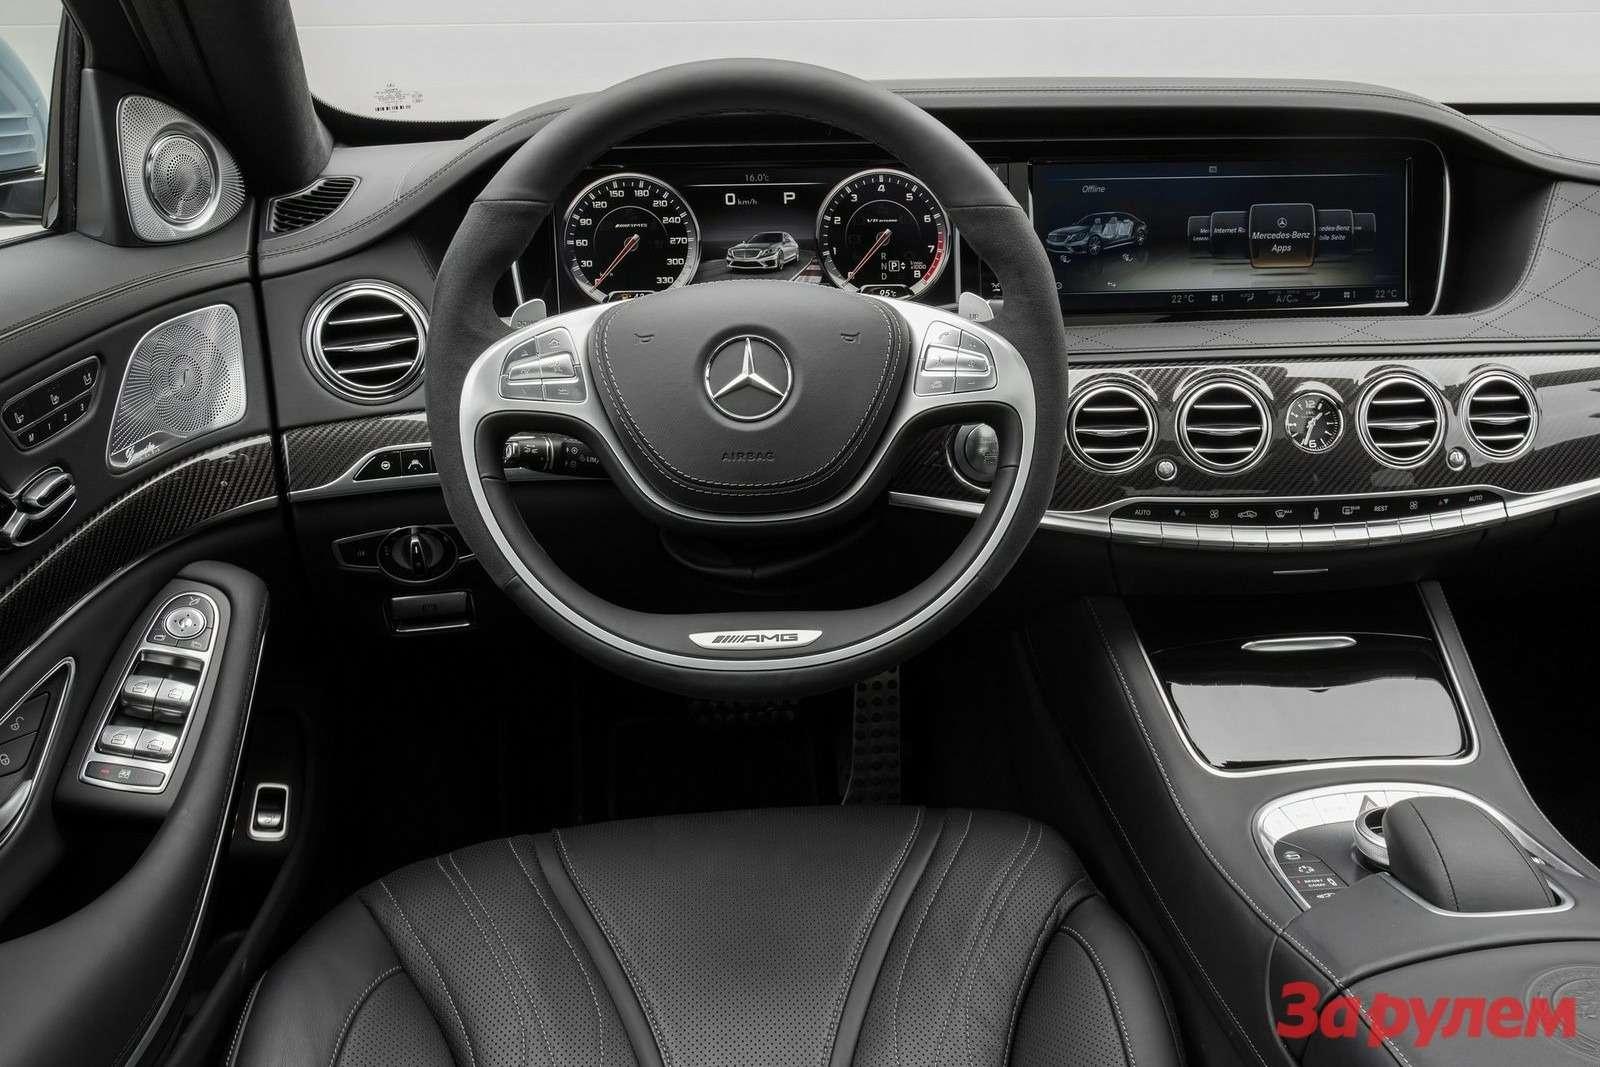 Mercedes Benz S63AMG 2014 1600x1200 wallpaper 1c